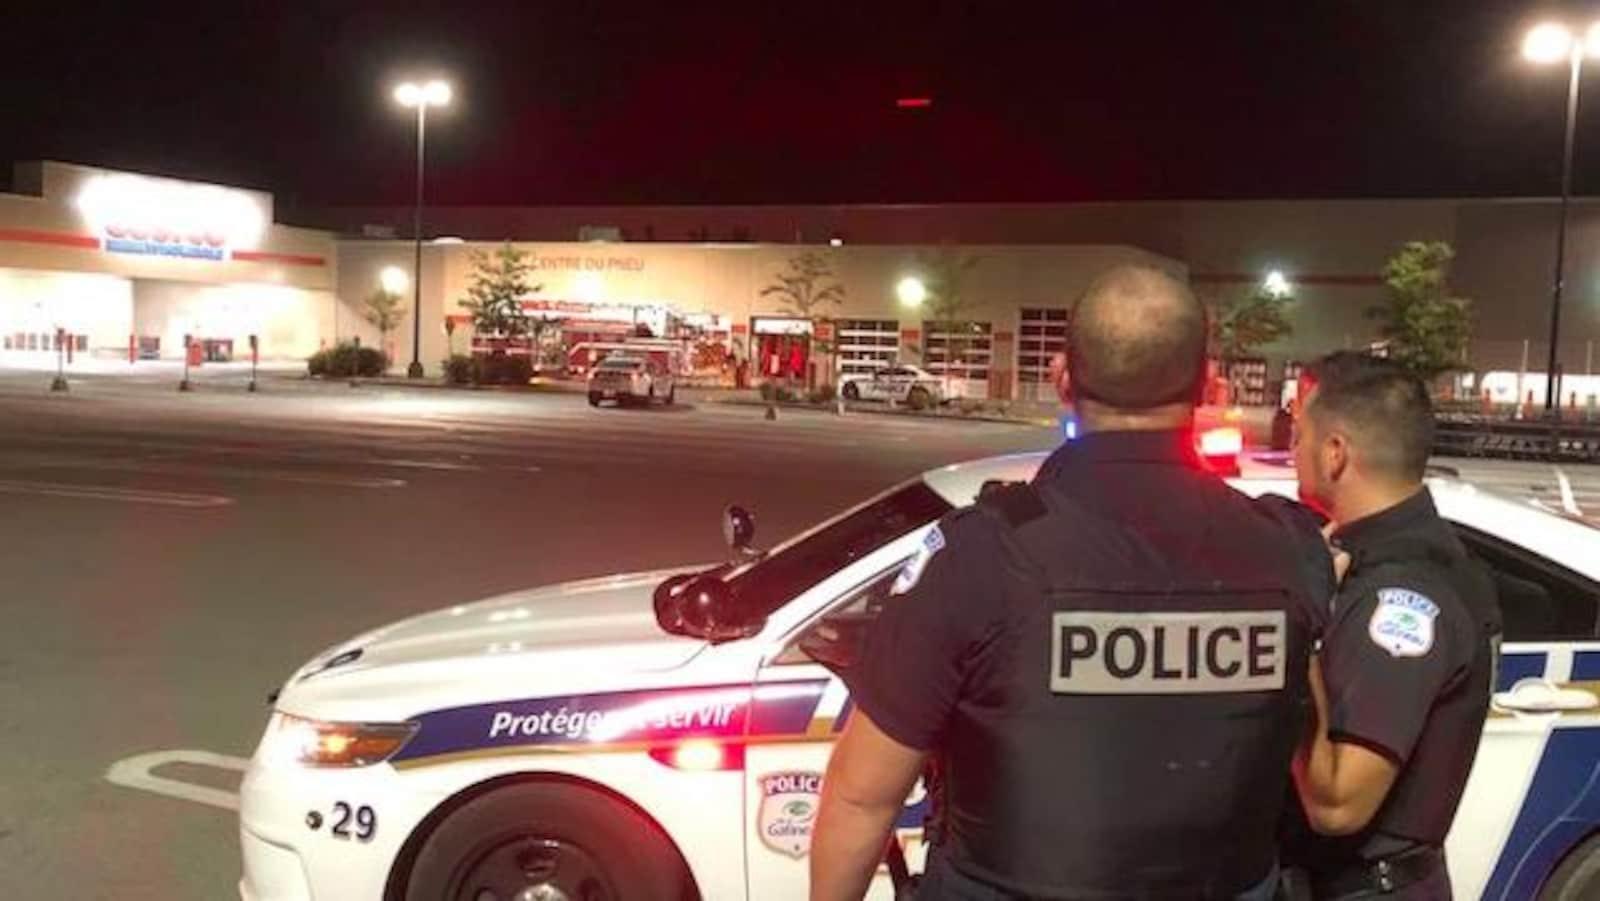 Deux policiers devant un véhicule du Service de police de la Ville de Gatineau dans le stationnement des Promenades Gatineau.